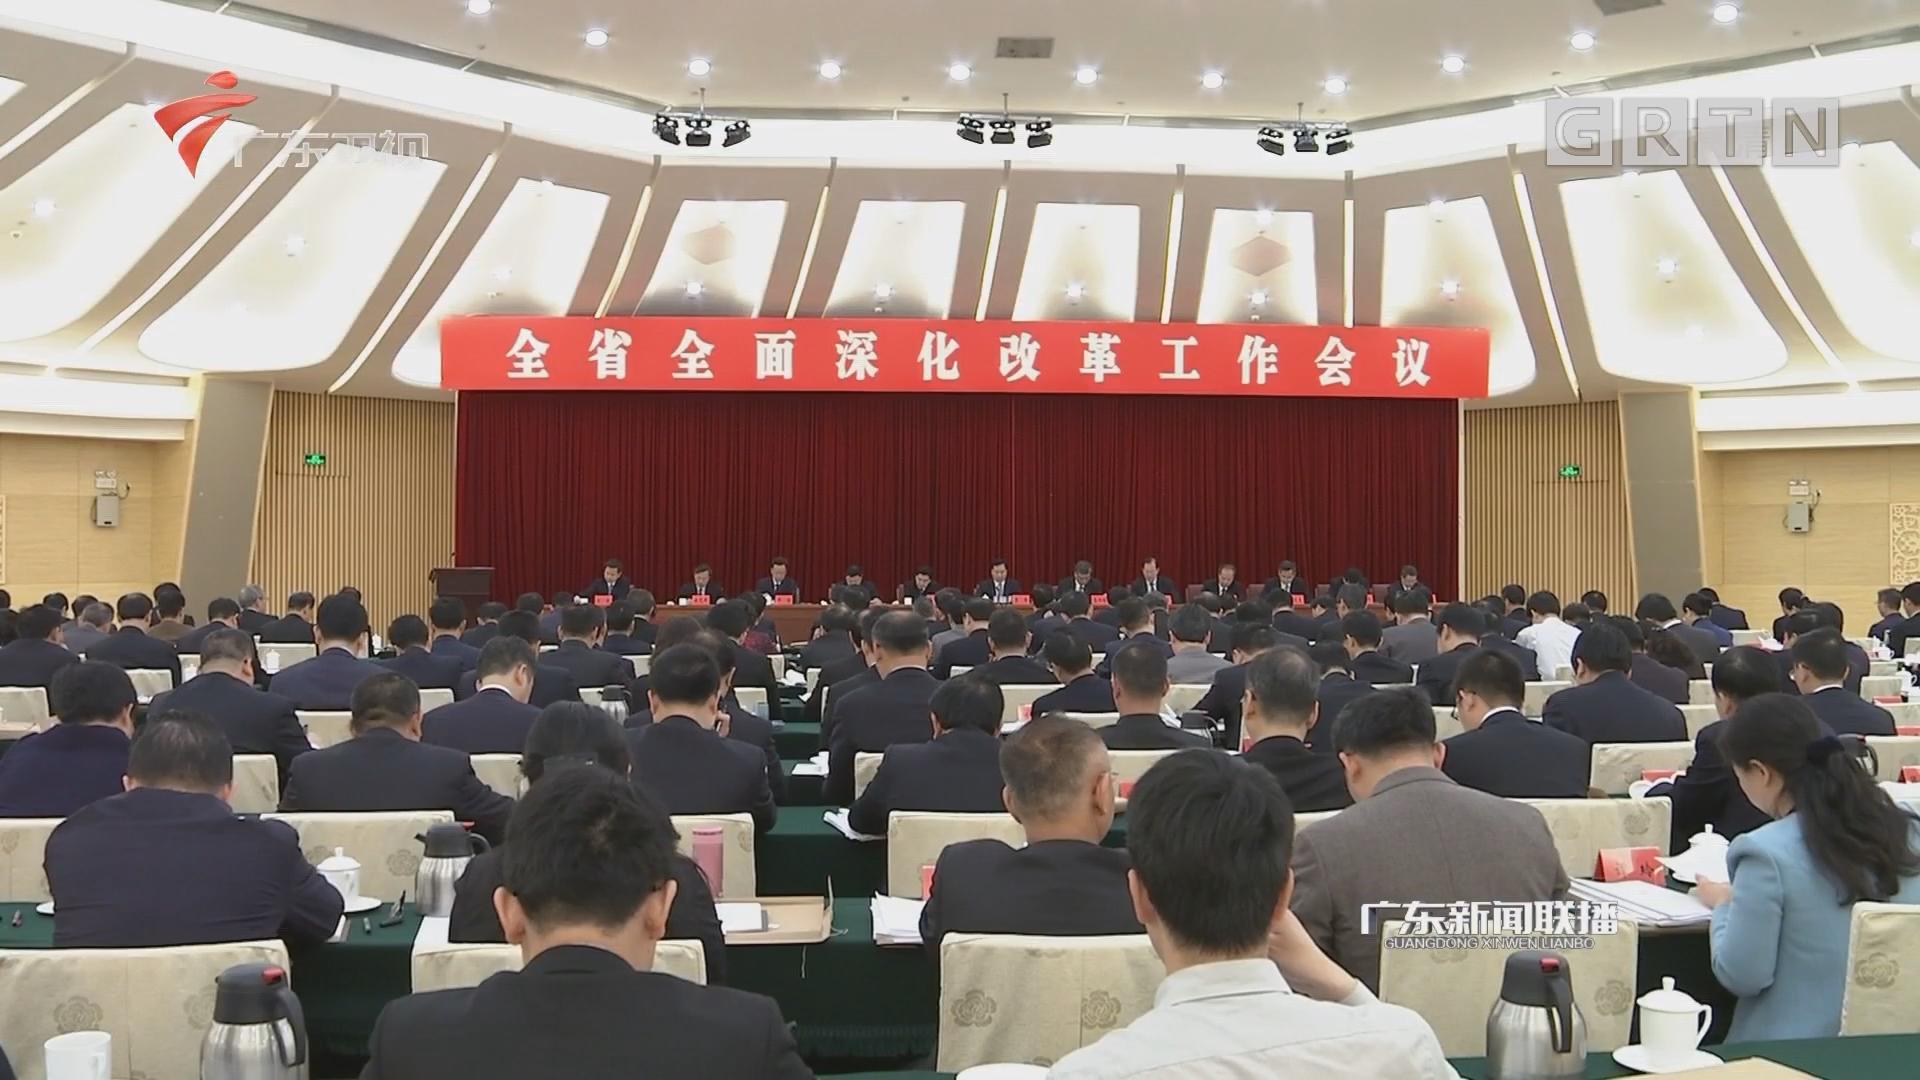 全省全面深化改革工作会议在广州召开 李希出席并讲话 马兴瑞主持